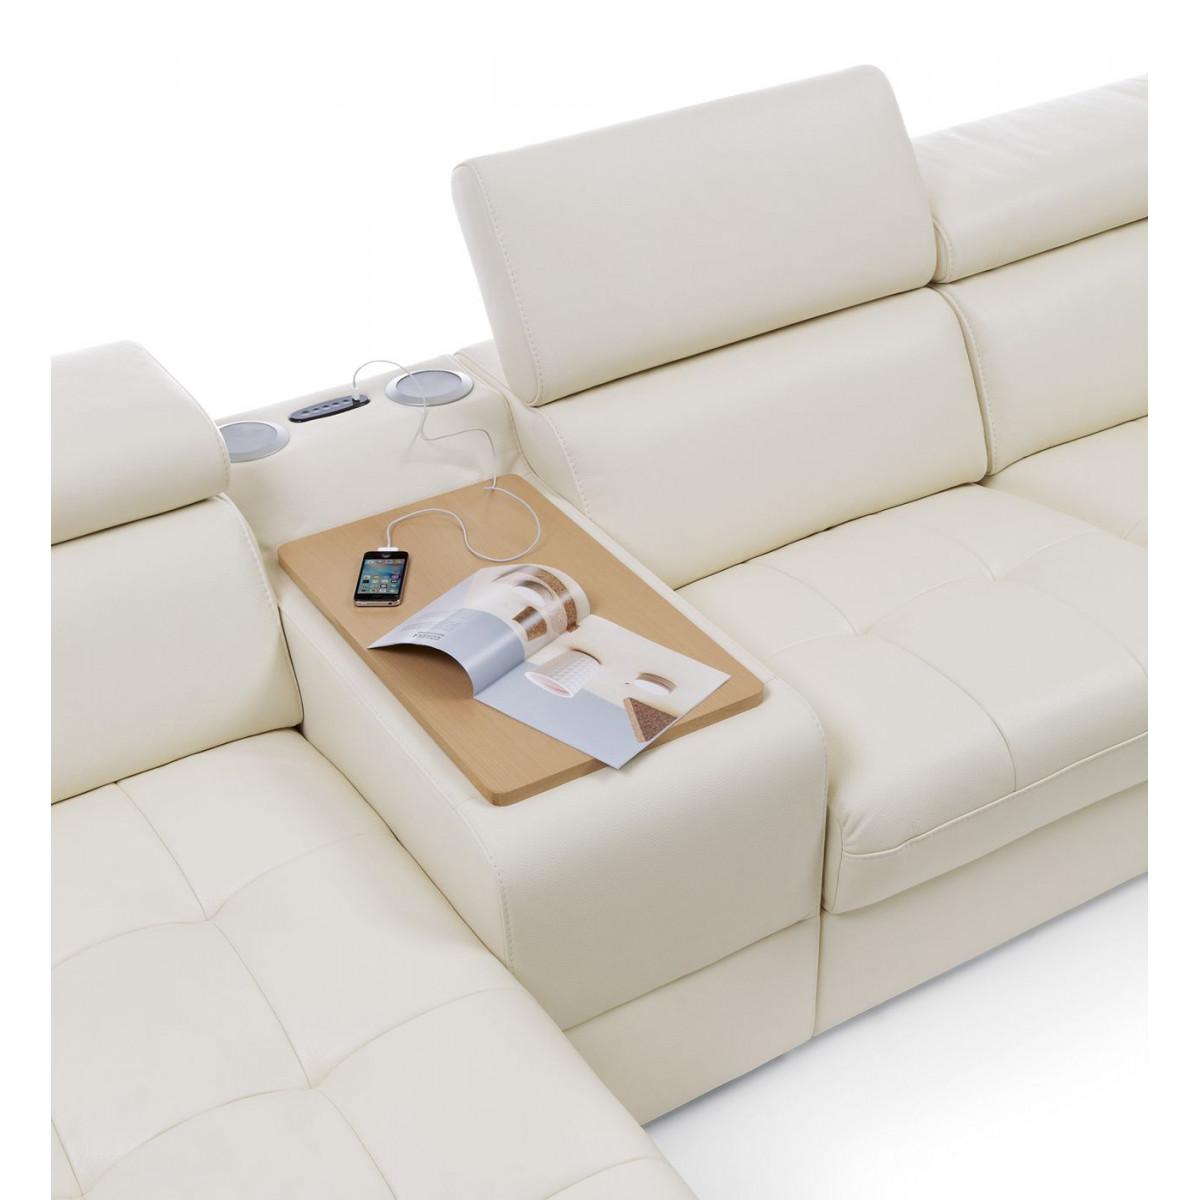 Narożnik Massimo 336x268cm z funkcją spania i relaks